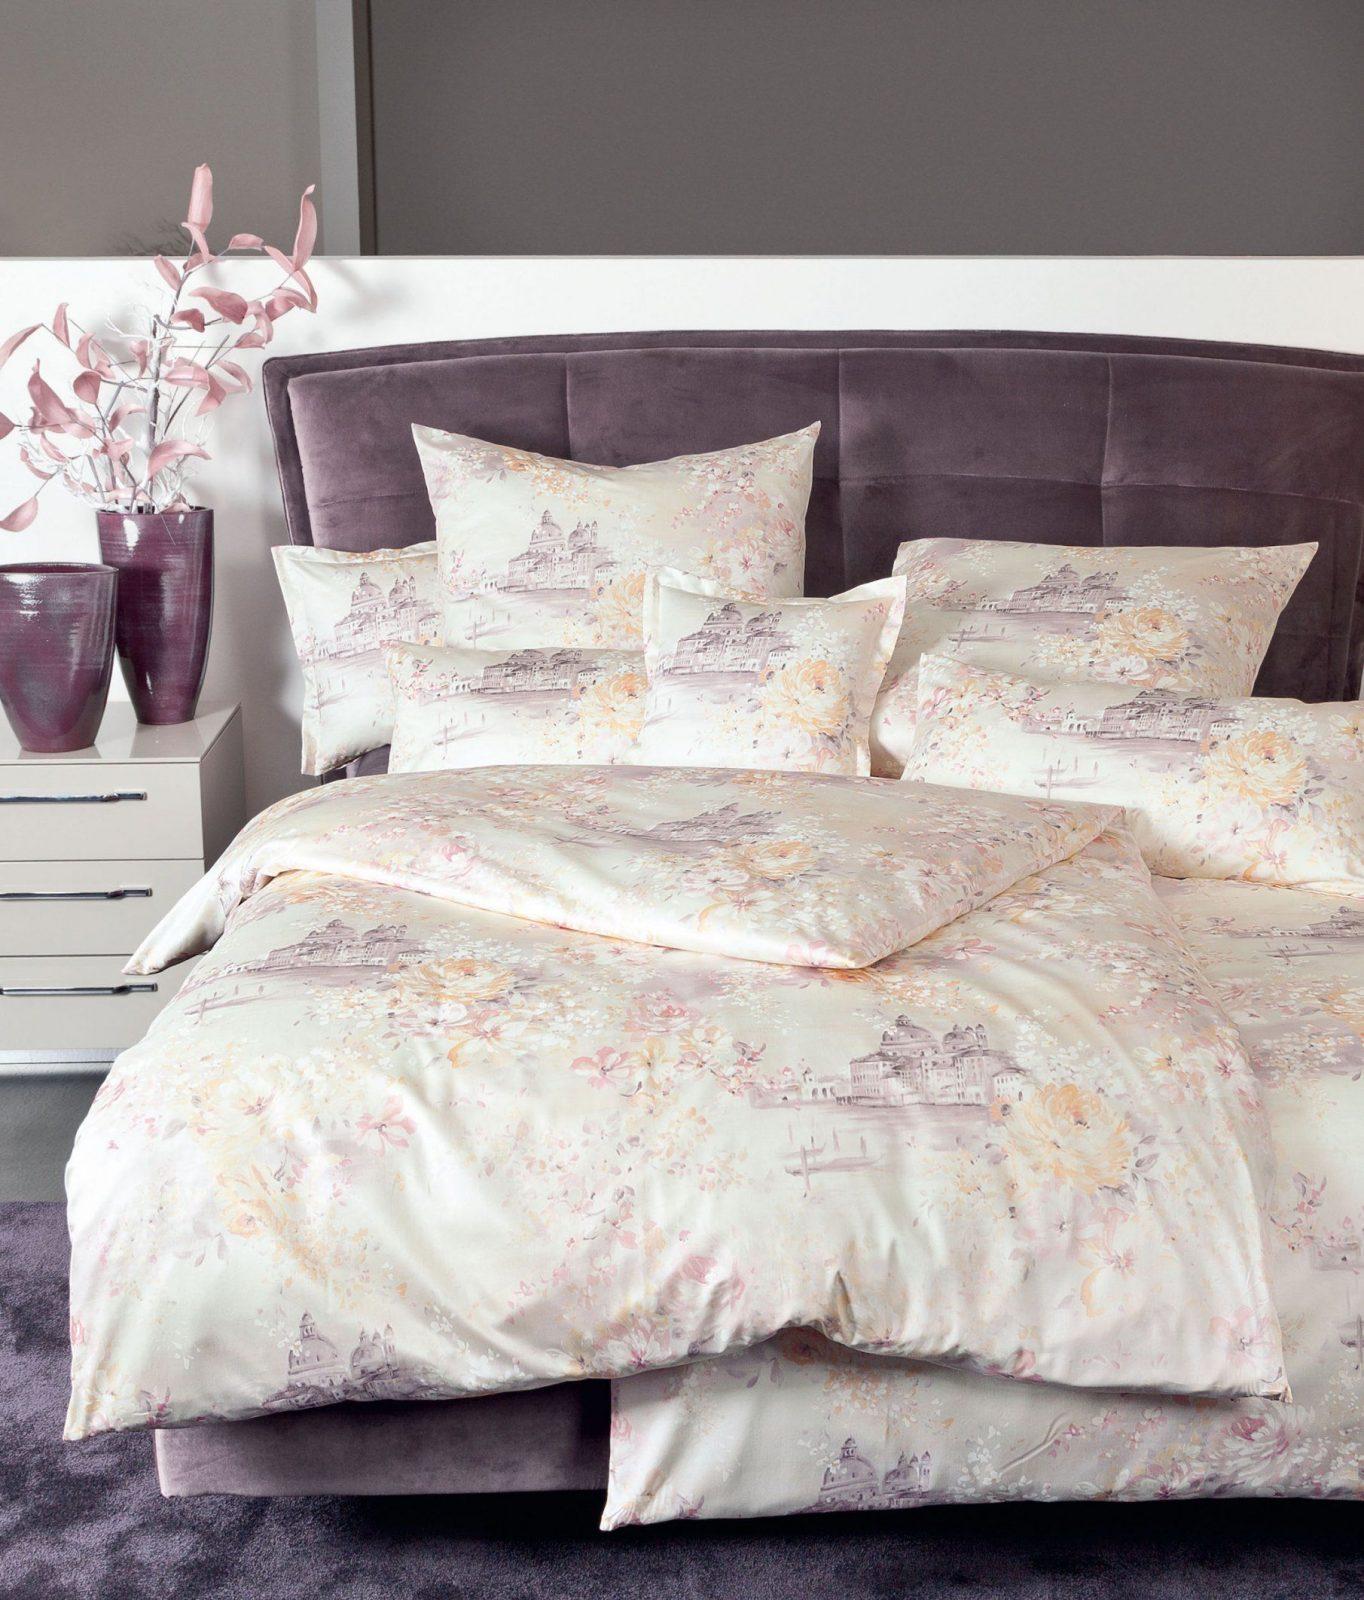 traumhafte makosatin bettw sche messina 43012 g nstig bestellen von glanz satin bettw sche. Black Bedroom Furniture Sets. Home Design Ideas